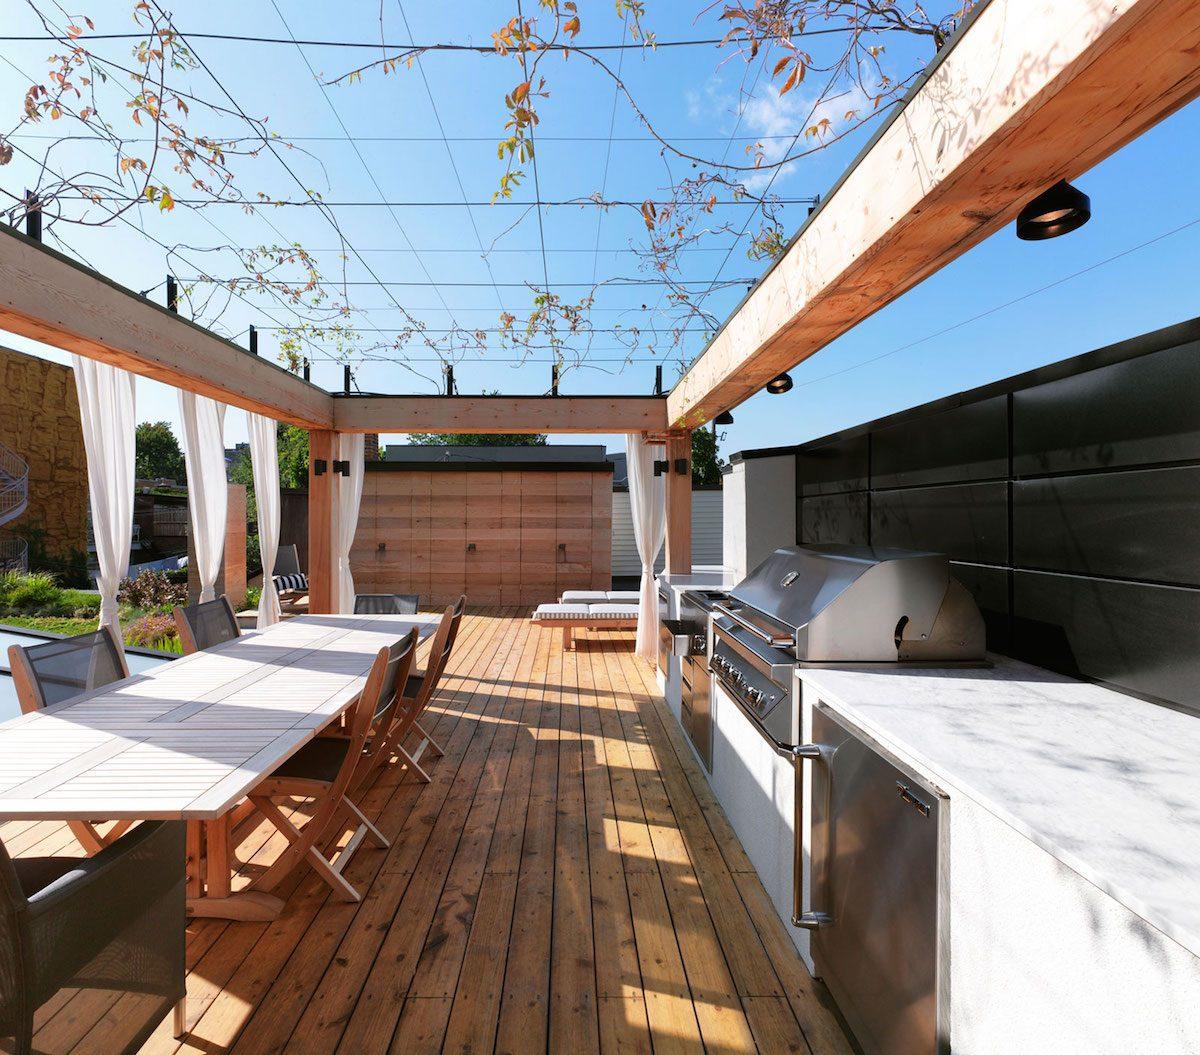 мультиварке идеи крыши с верандой фото тут начали интересоваться